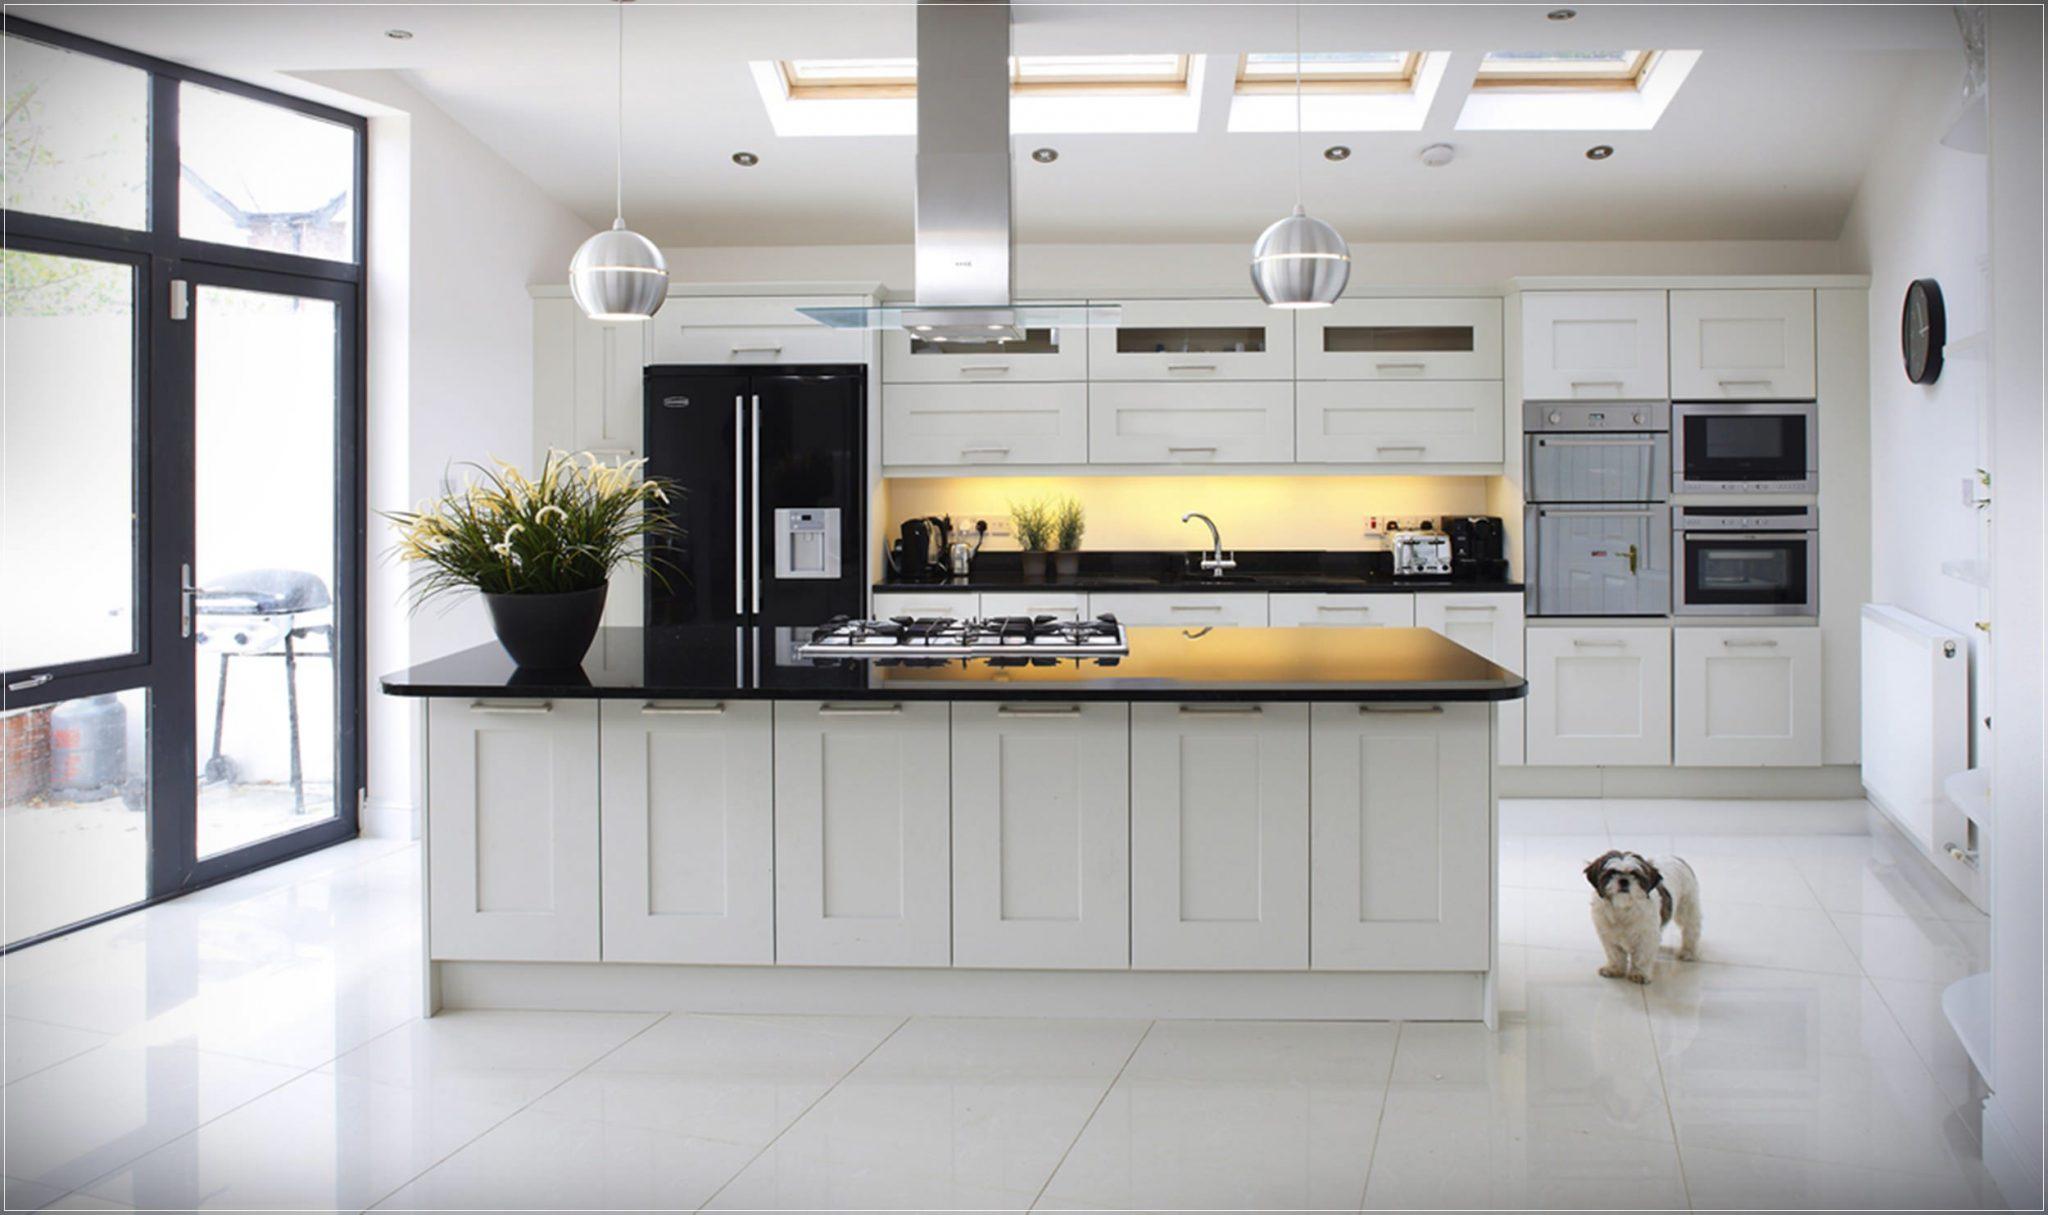 koctas-hazir-mutfak-dolabi-modelleri-beyaz-renk-genis-mutfak-dekorasyonu-1